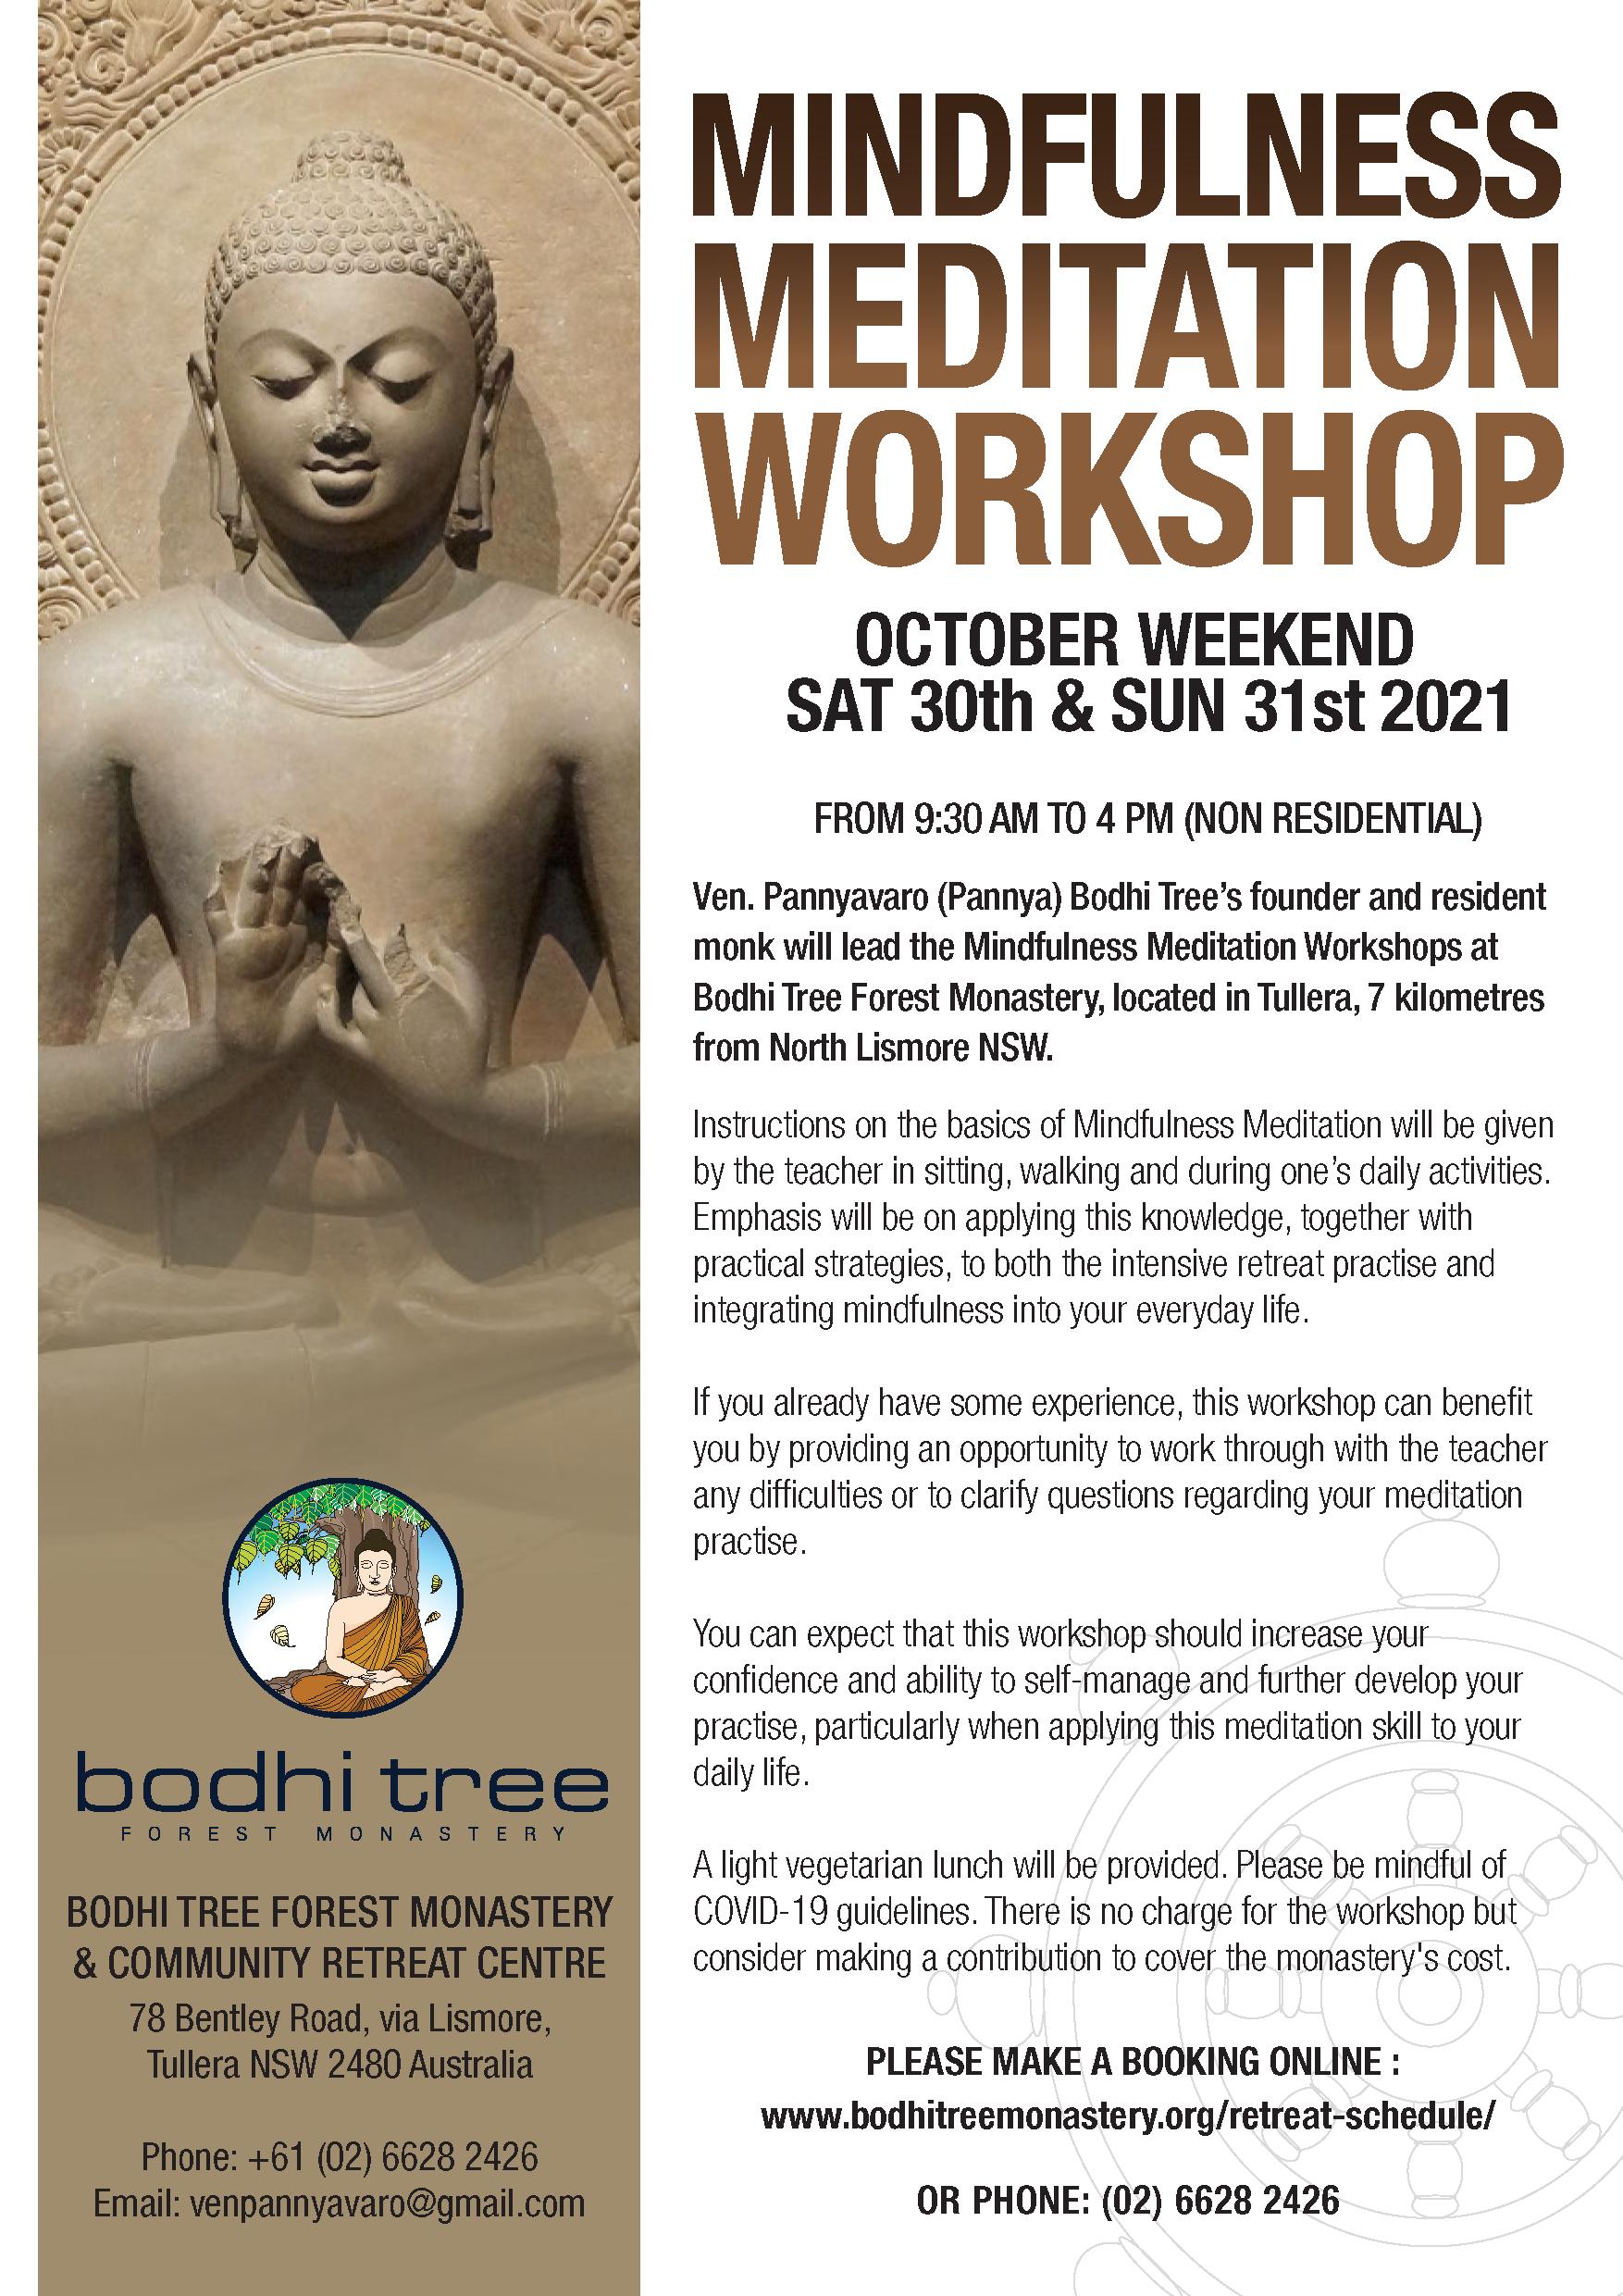 October Mindfulness Workshop